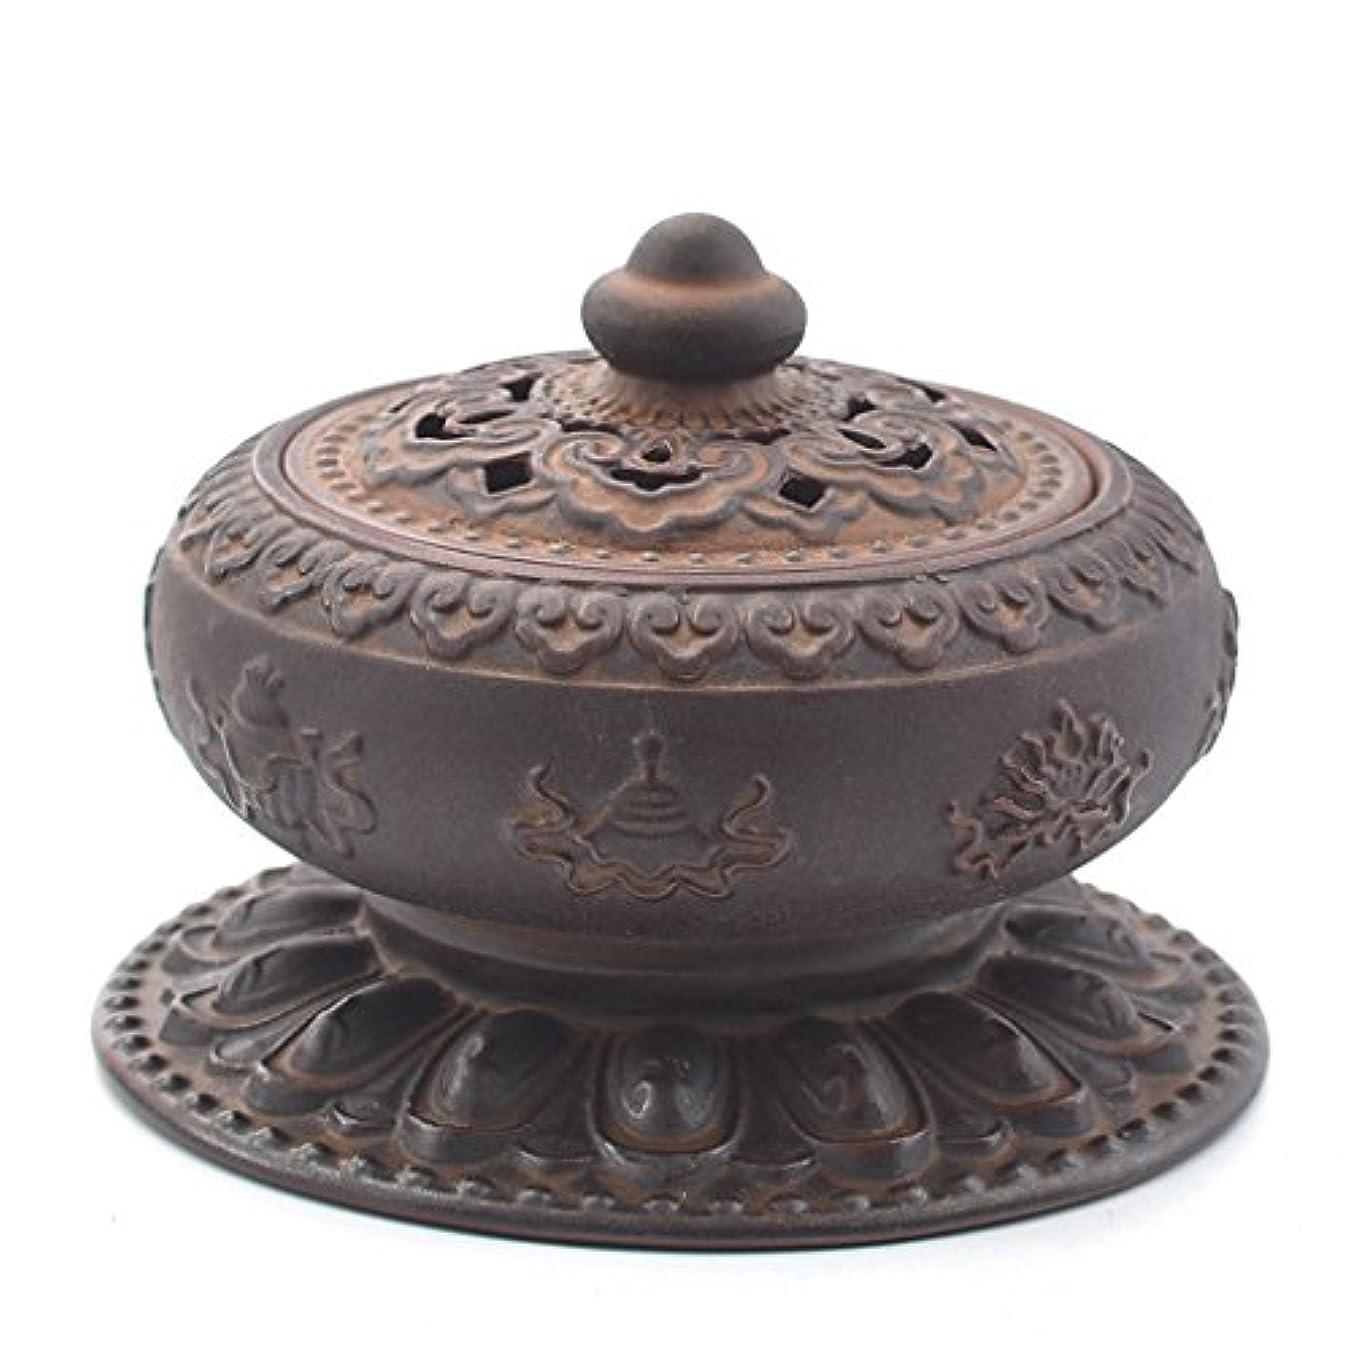 成熟グリットブラインド(ラシューバー) Lasuiveur 香炉 線香立て 香立て 職人さんの手作り 茶道用品 おしゃれ